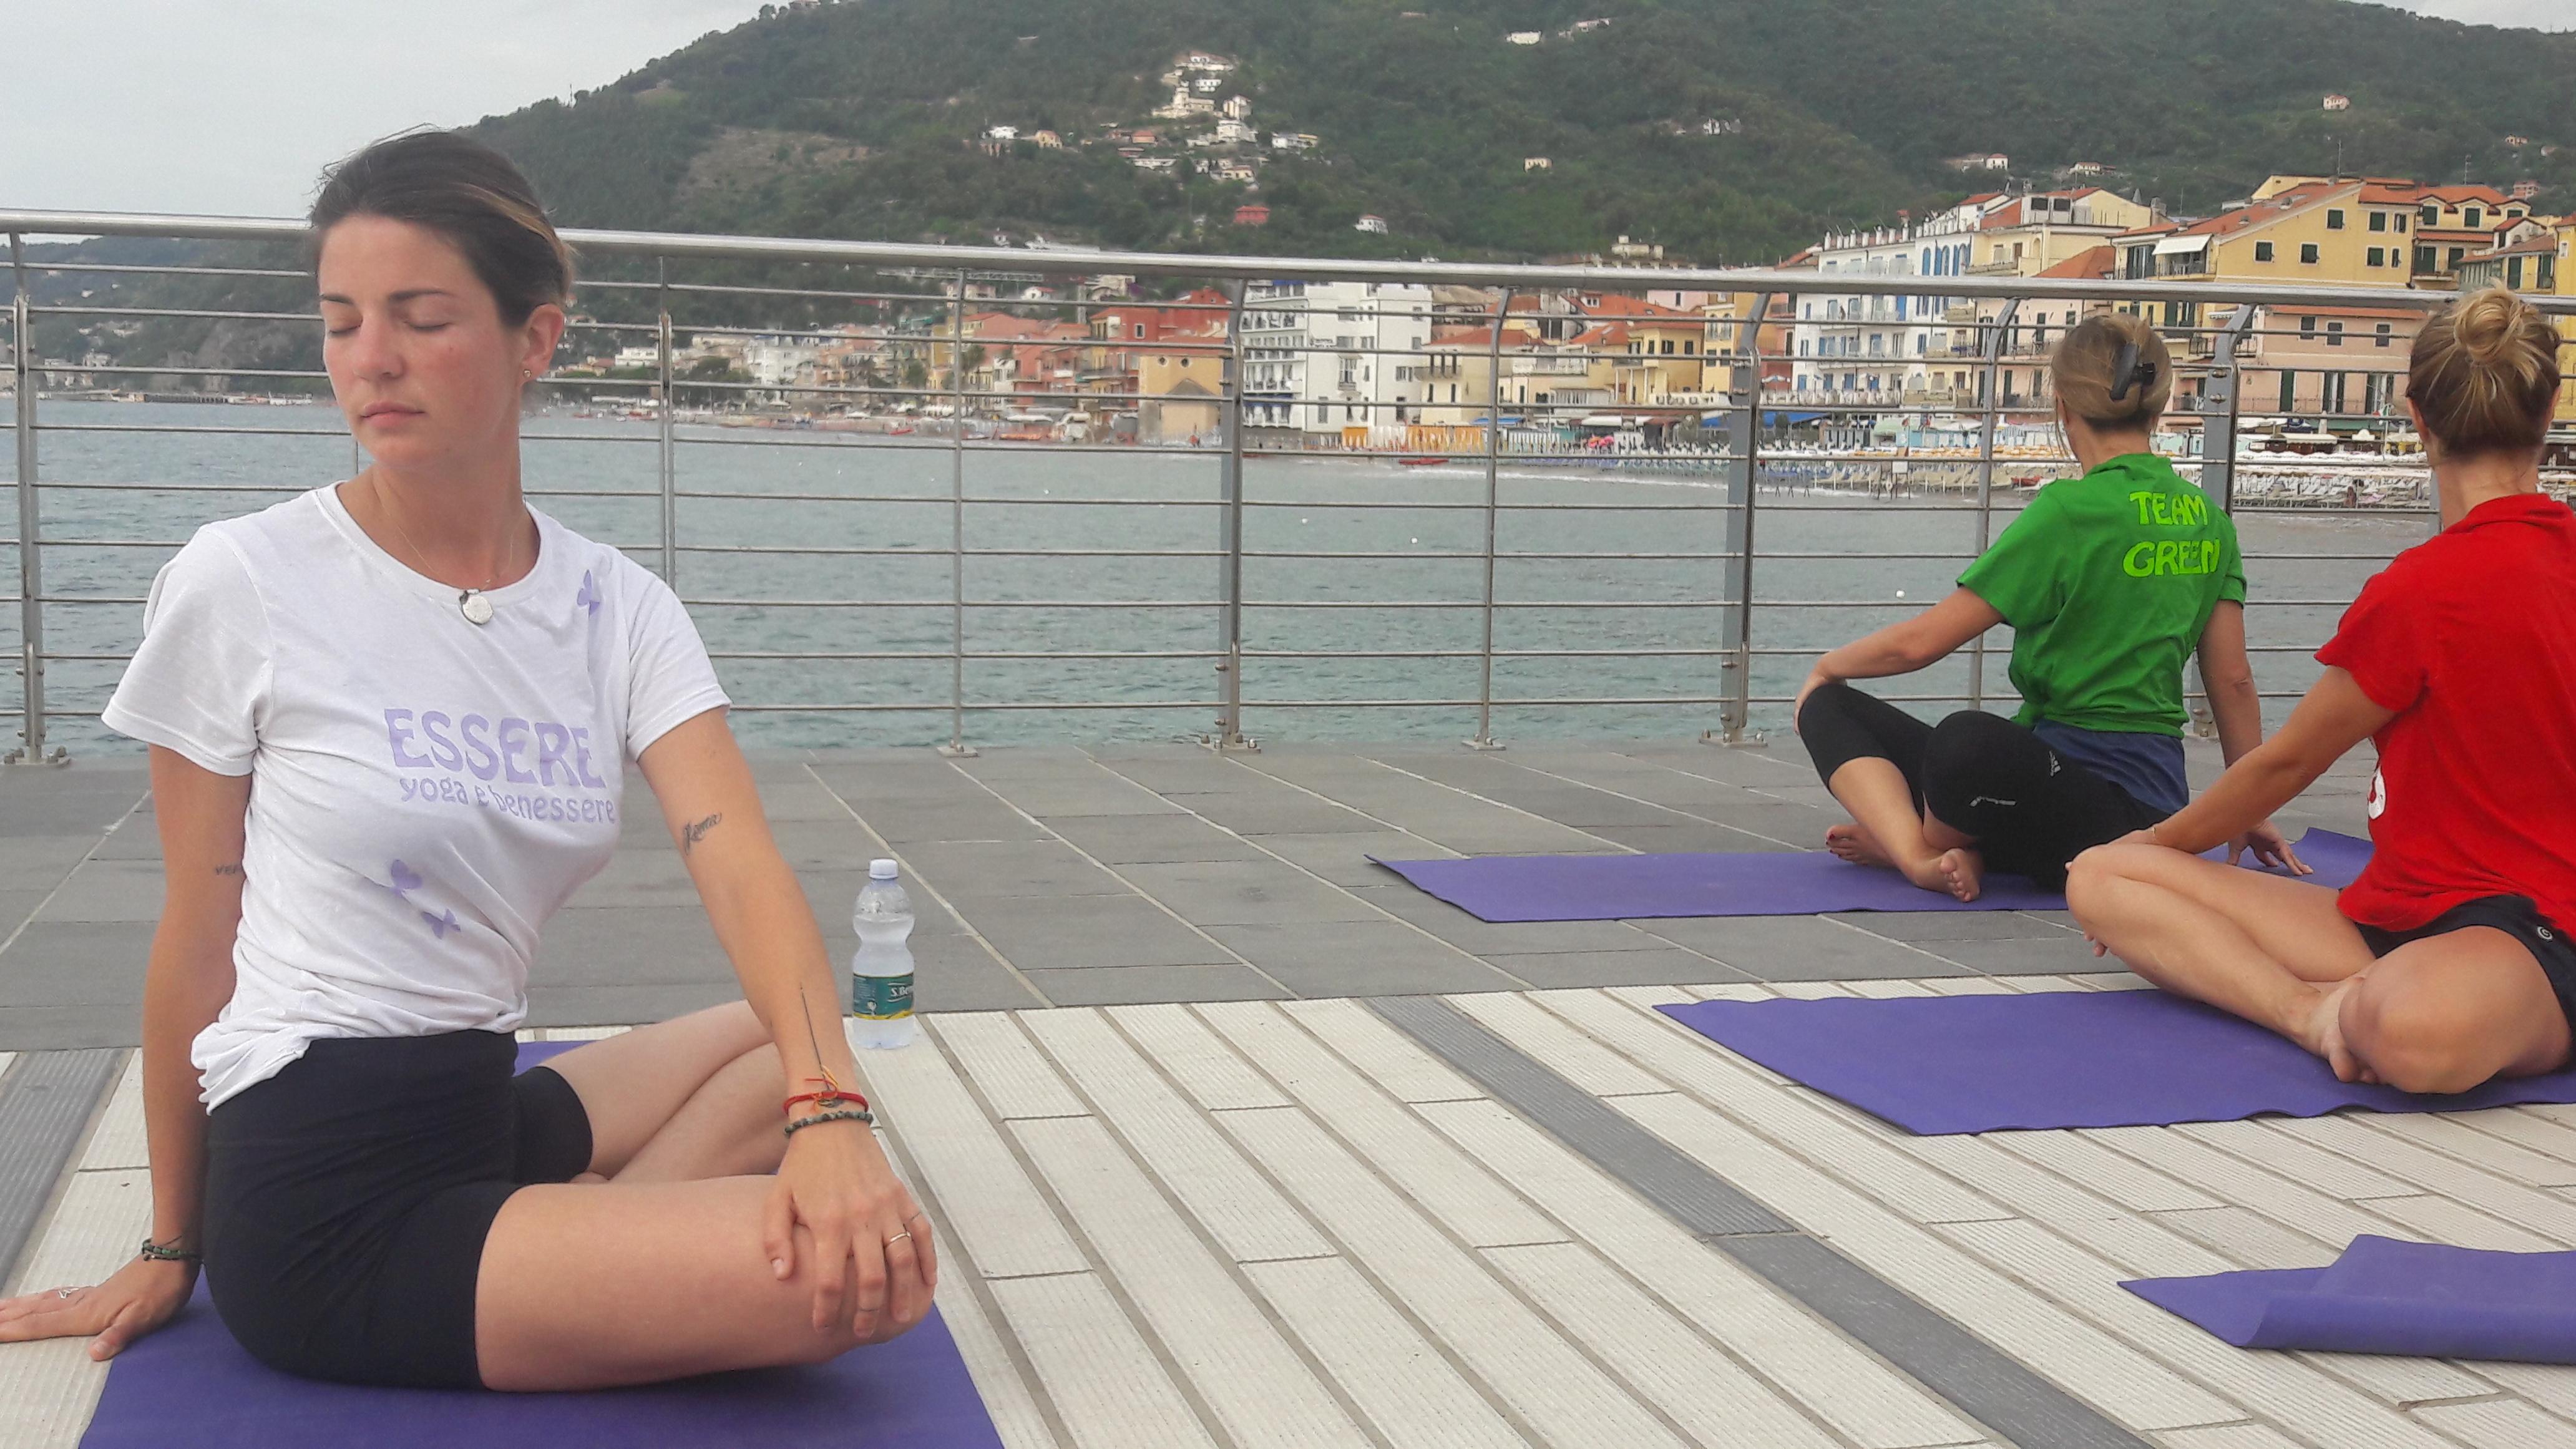 Alassio-united-colors-of-yoga-free-gratuito-per-tutti-festa-colori-lucia-ragazzi-essere-benessere-6